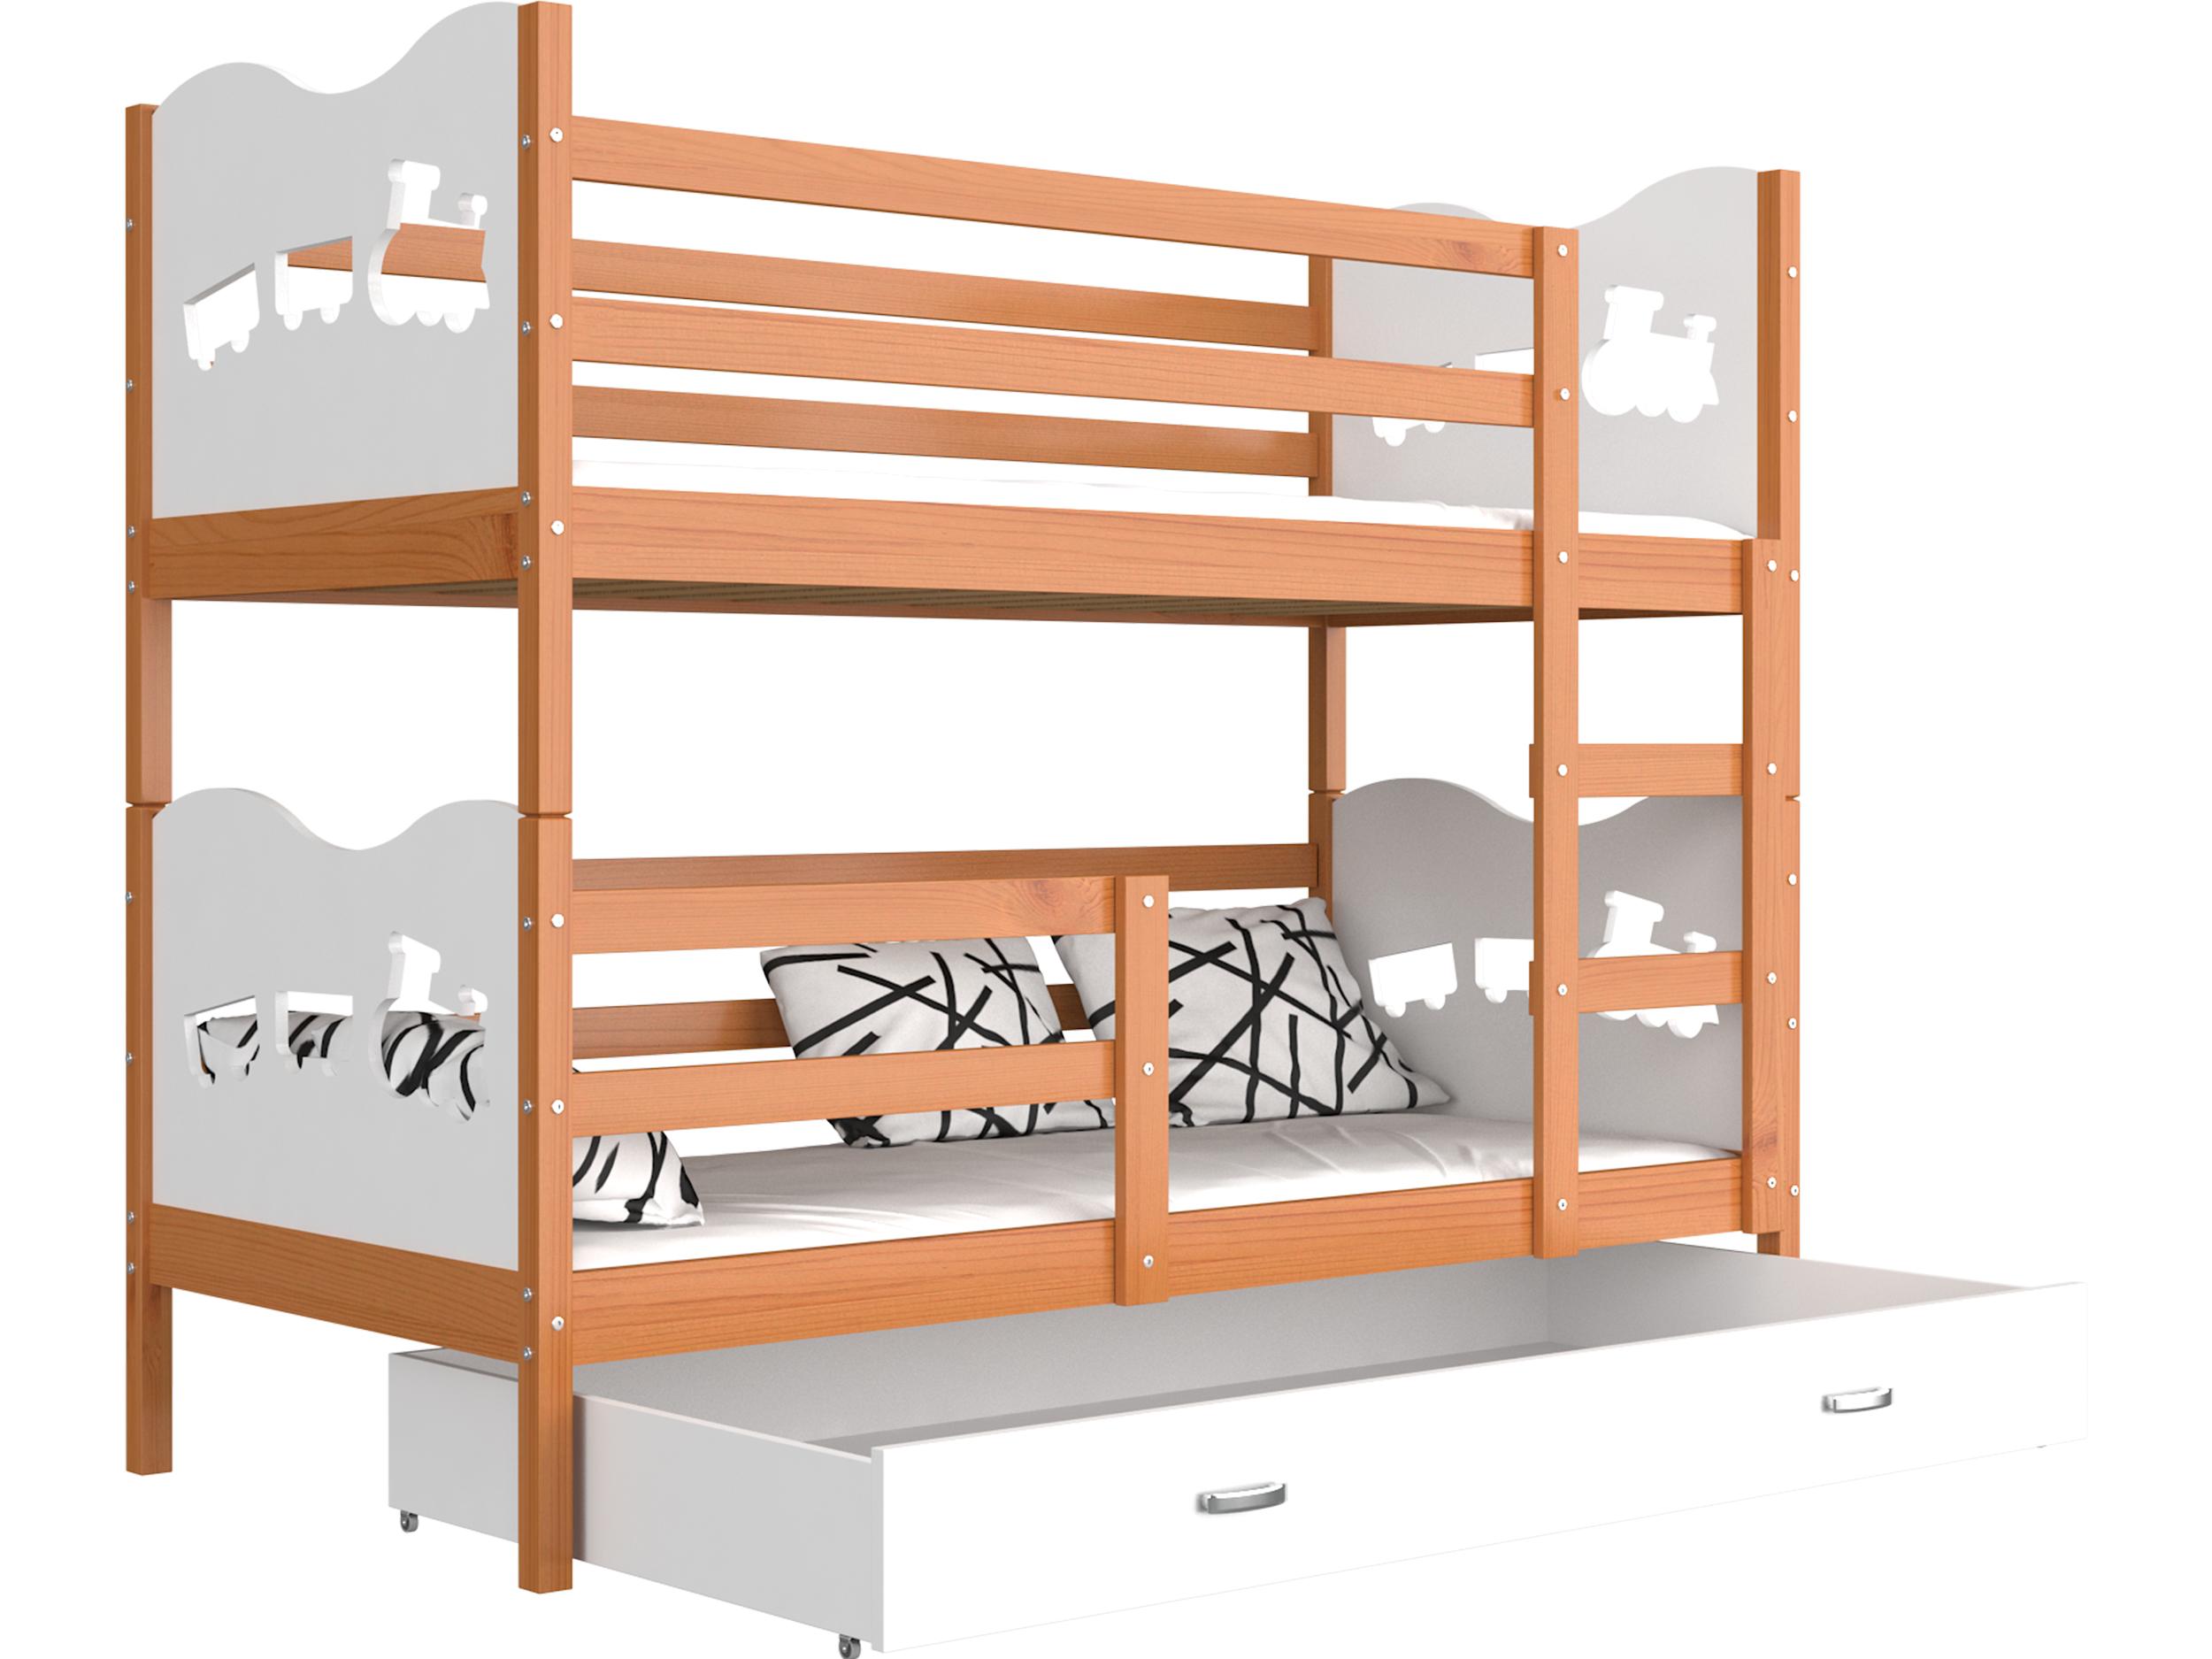 ArtAJ Detská poschodová posteľ Max drevo / MDF 160 x 80 cm Farba: jelša / biela 160 x 80 cm, s matracom